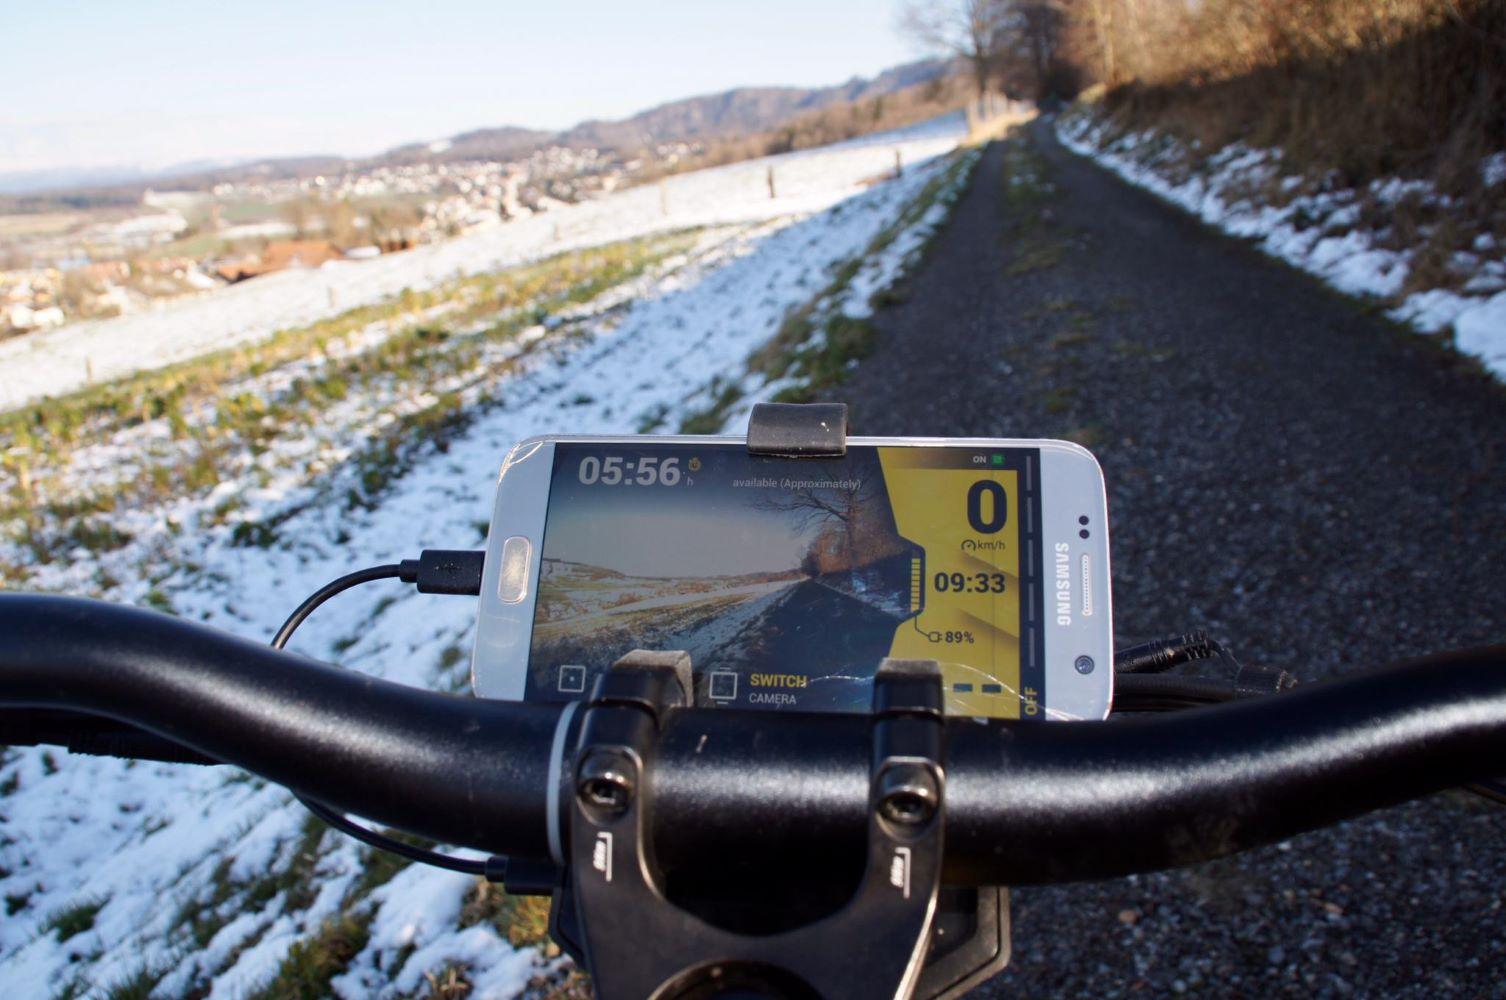 Ultimativer Leitfaden: Wie wähle ich das richtige E-Bike für mich aus?